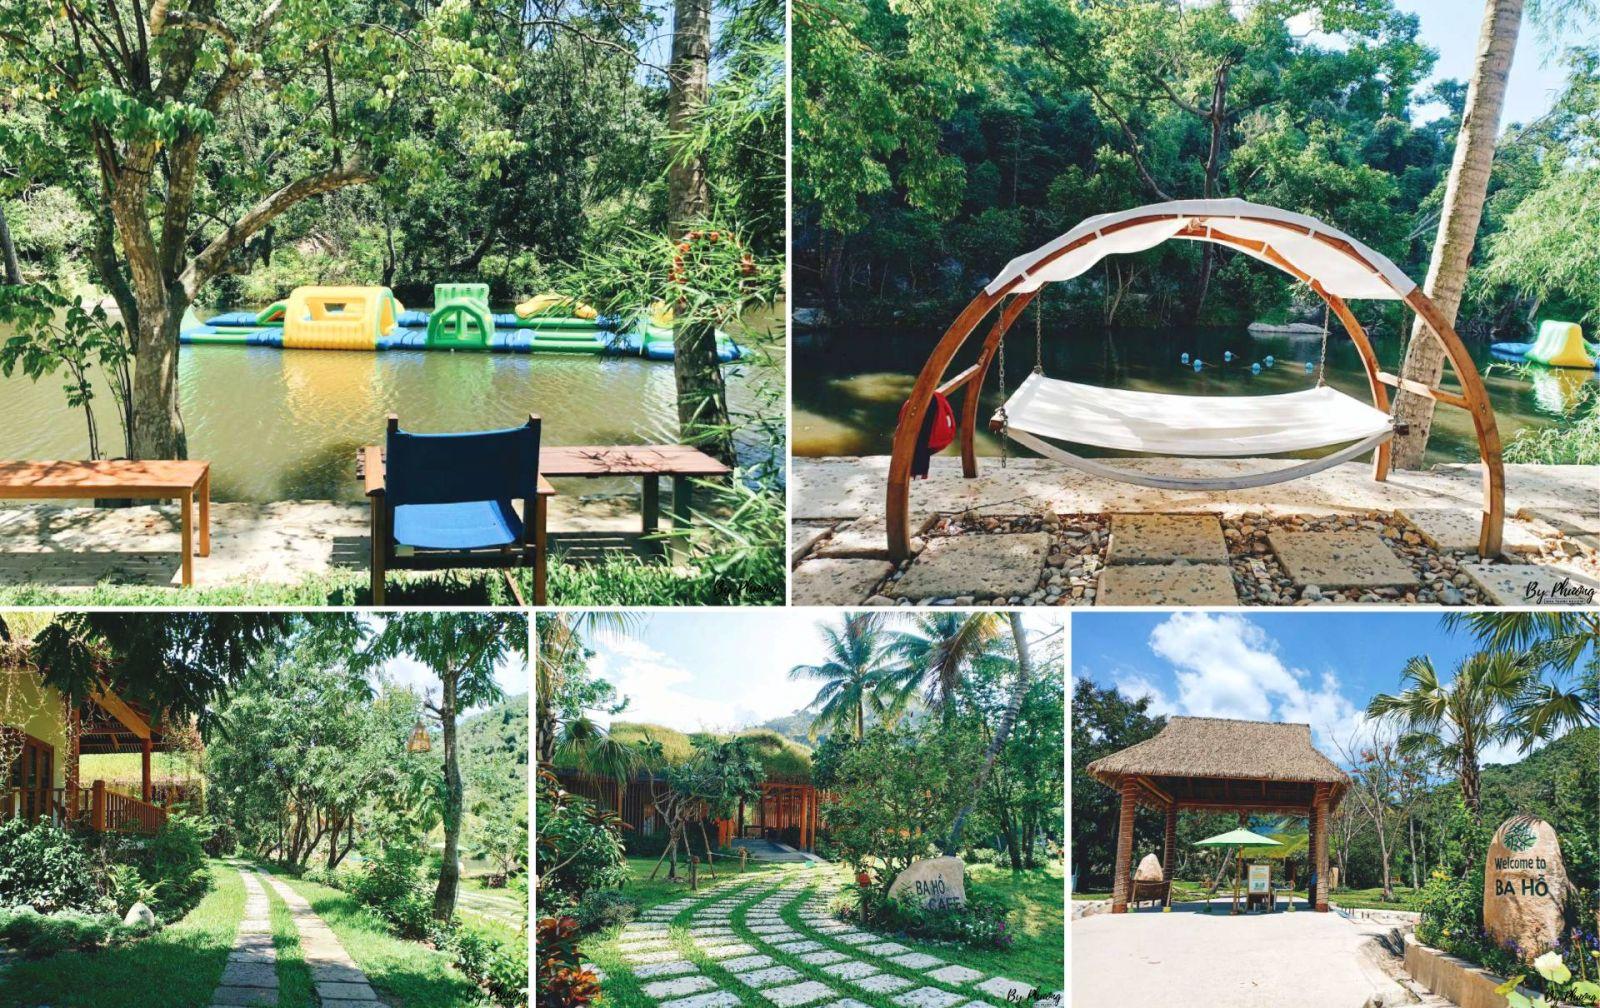 Tour khu du lịch Ba Hồ - Đảo Tình Yêu 2